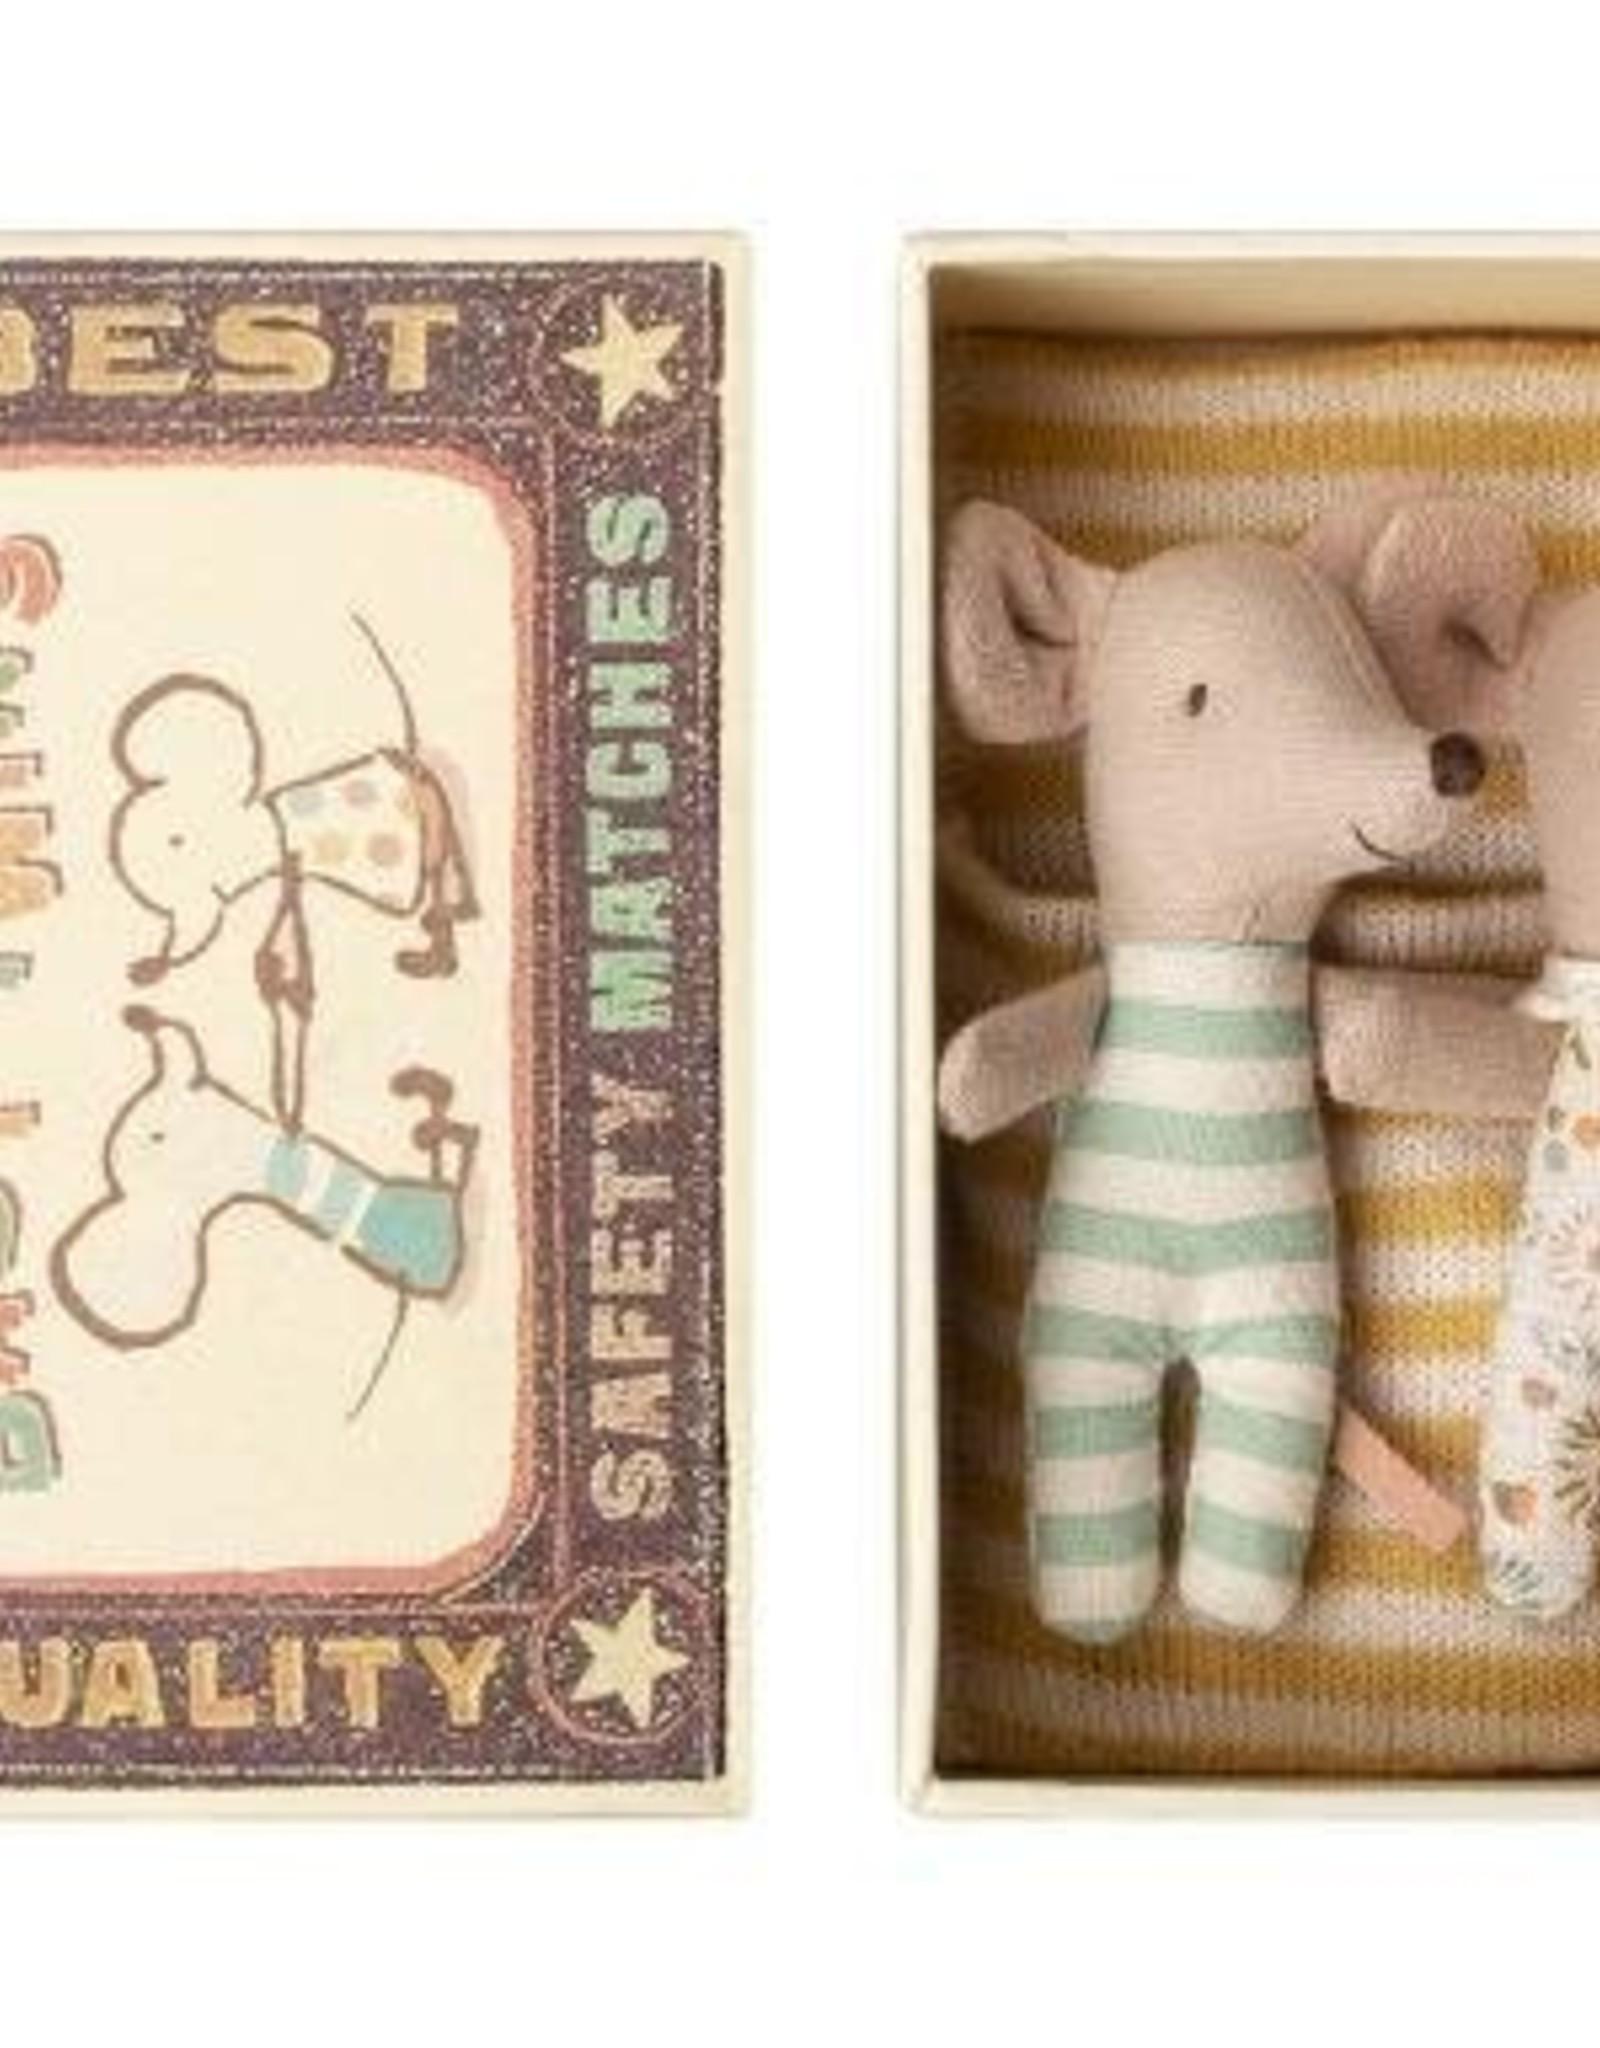 Souris Bébé - Jumeaux dans la boîte #1